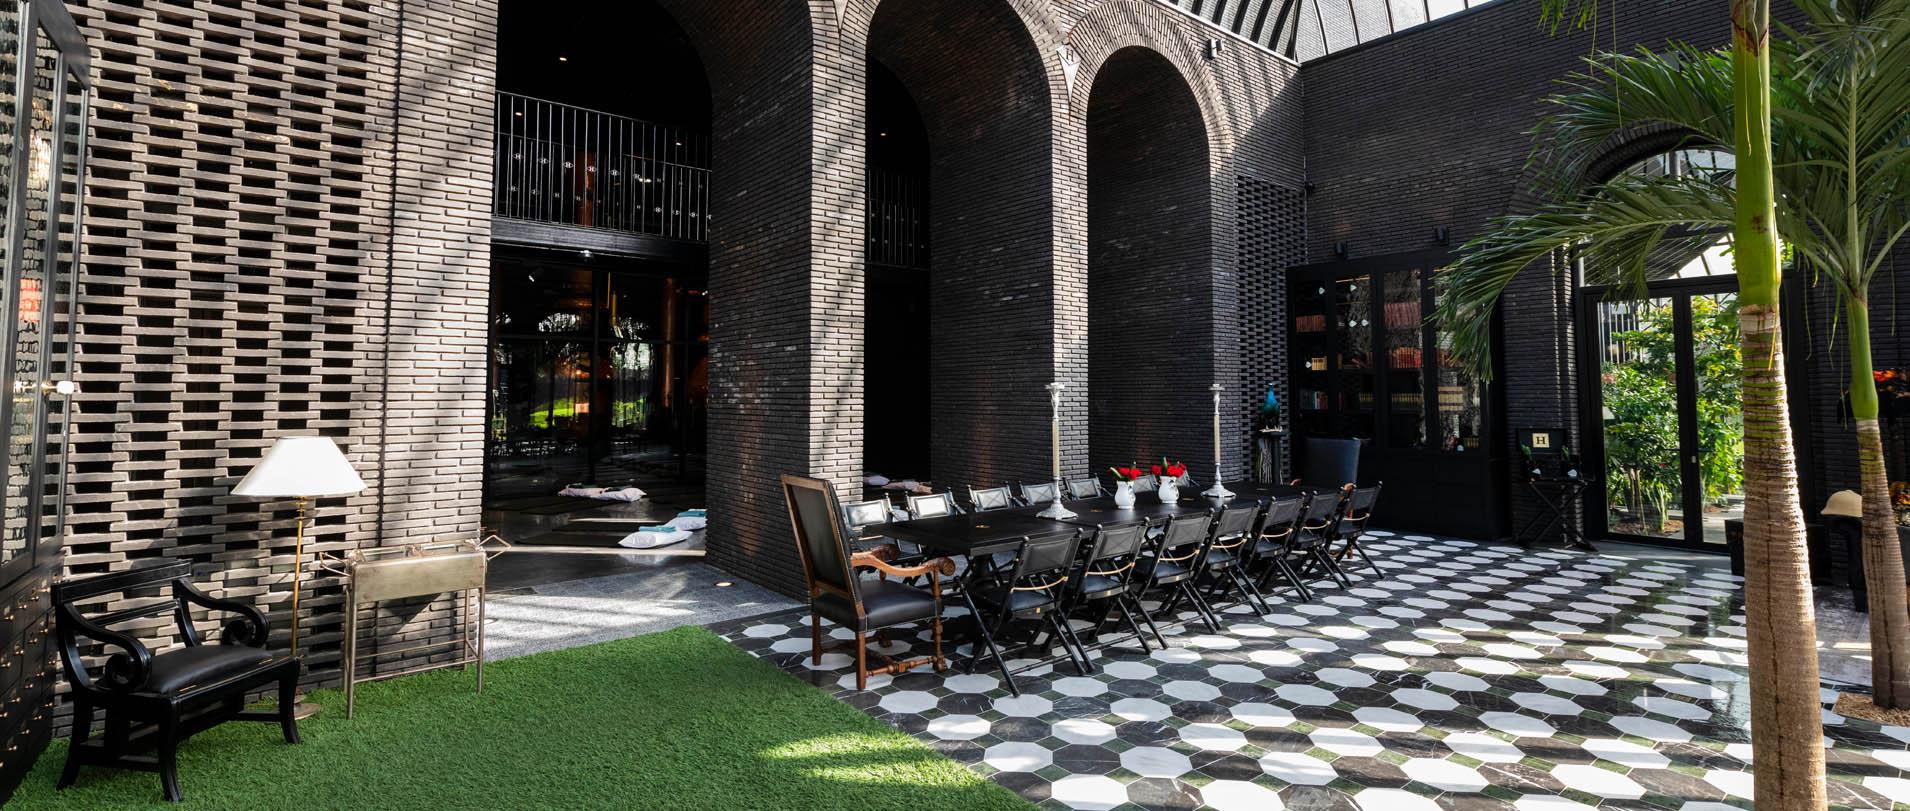 Hendricks Gin Palace Style Matters